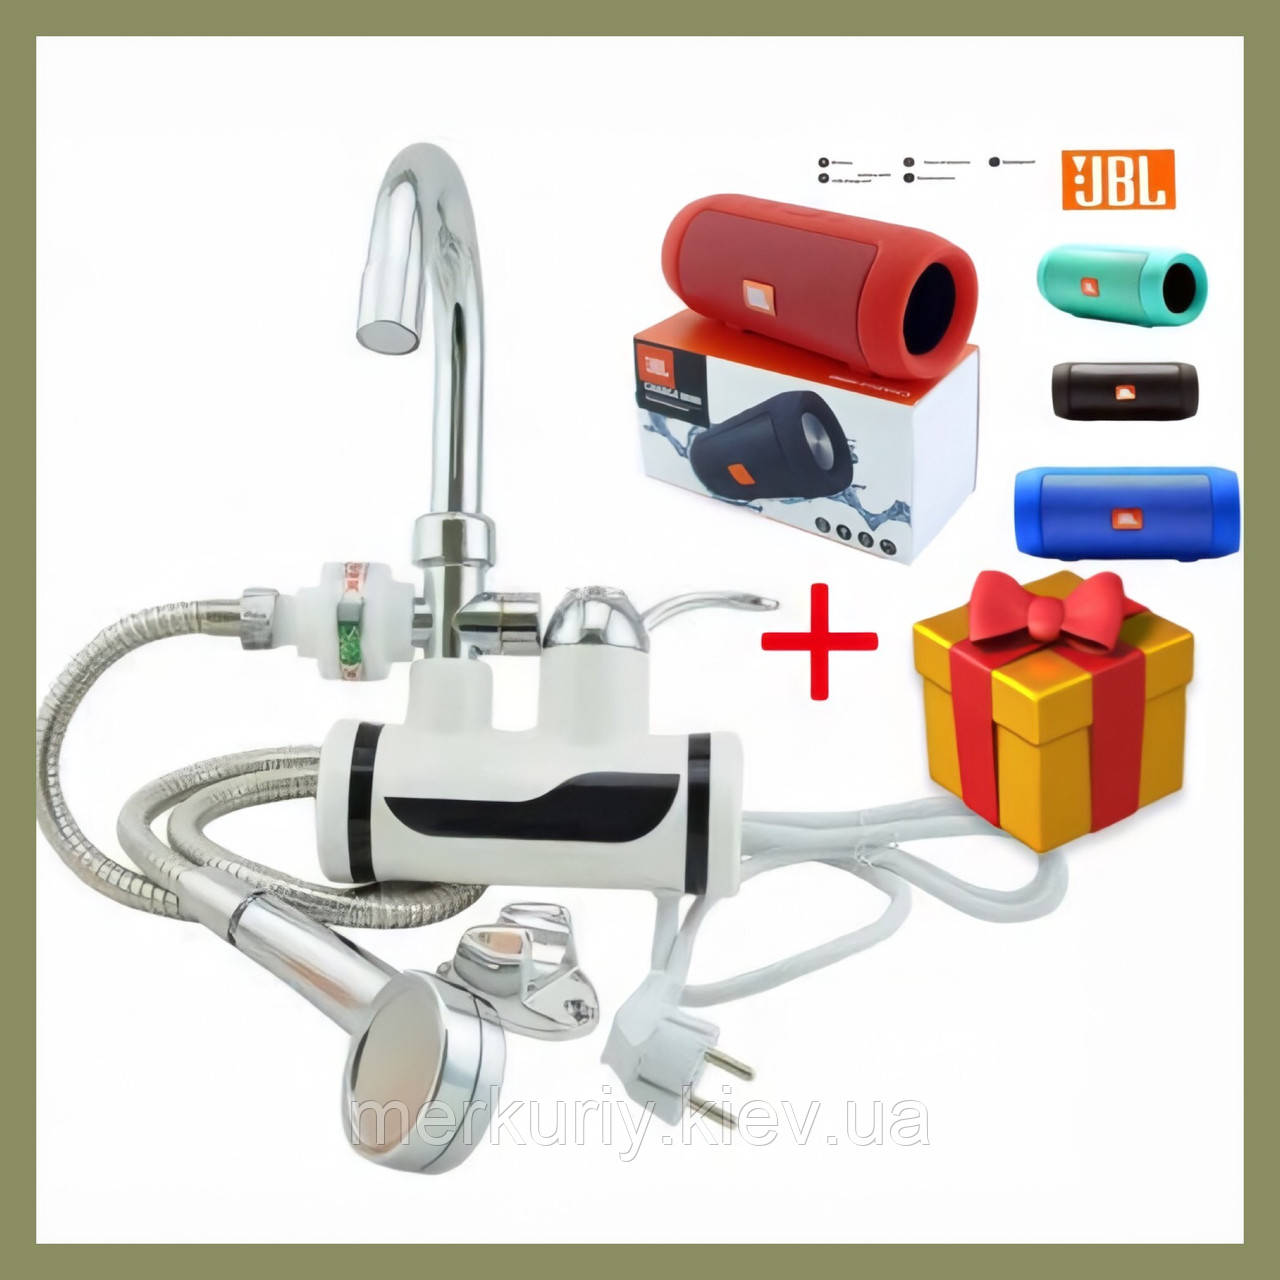 Миттєвий проточний водонагрівач електричний кран Delimano Делімано з душем